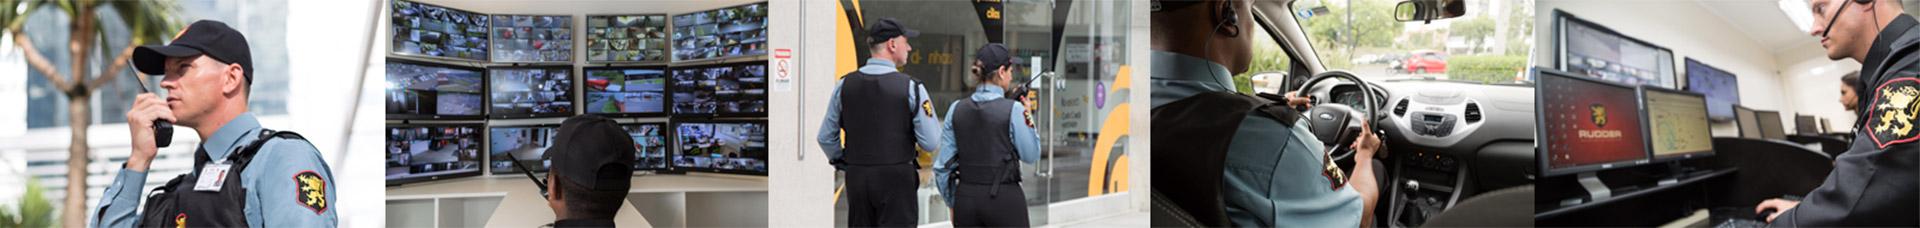 Agentes de segurança em diferentes atuações